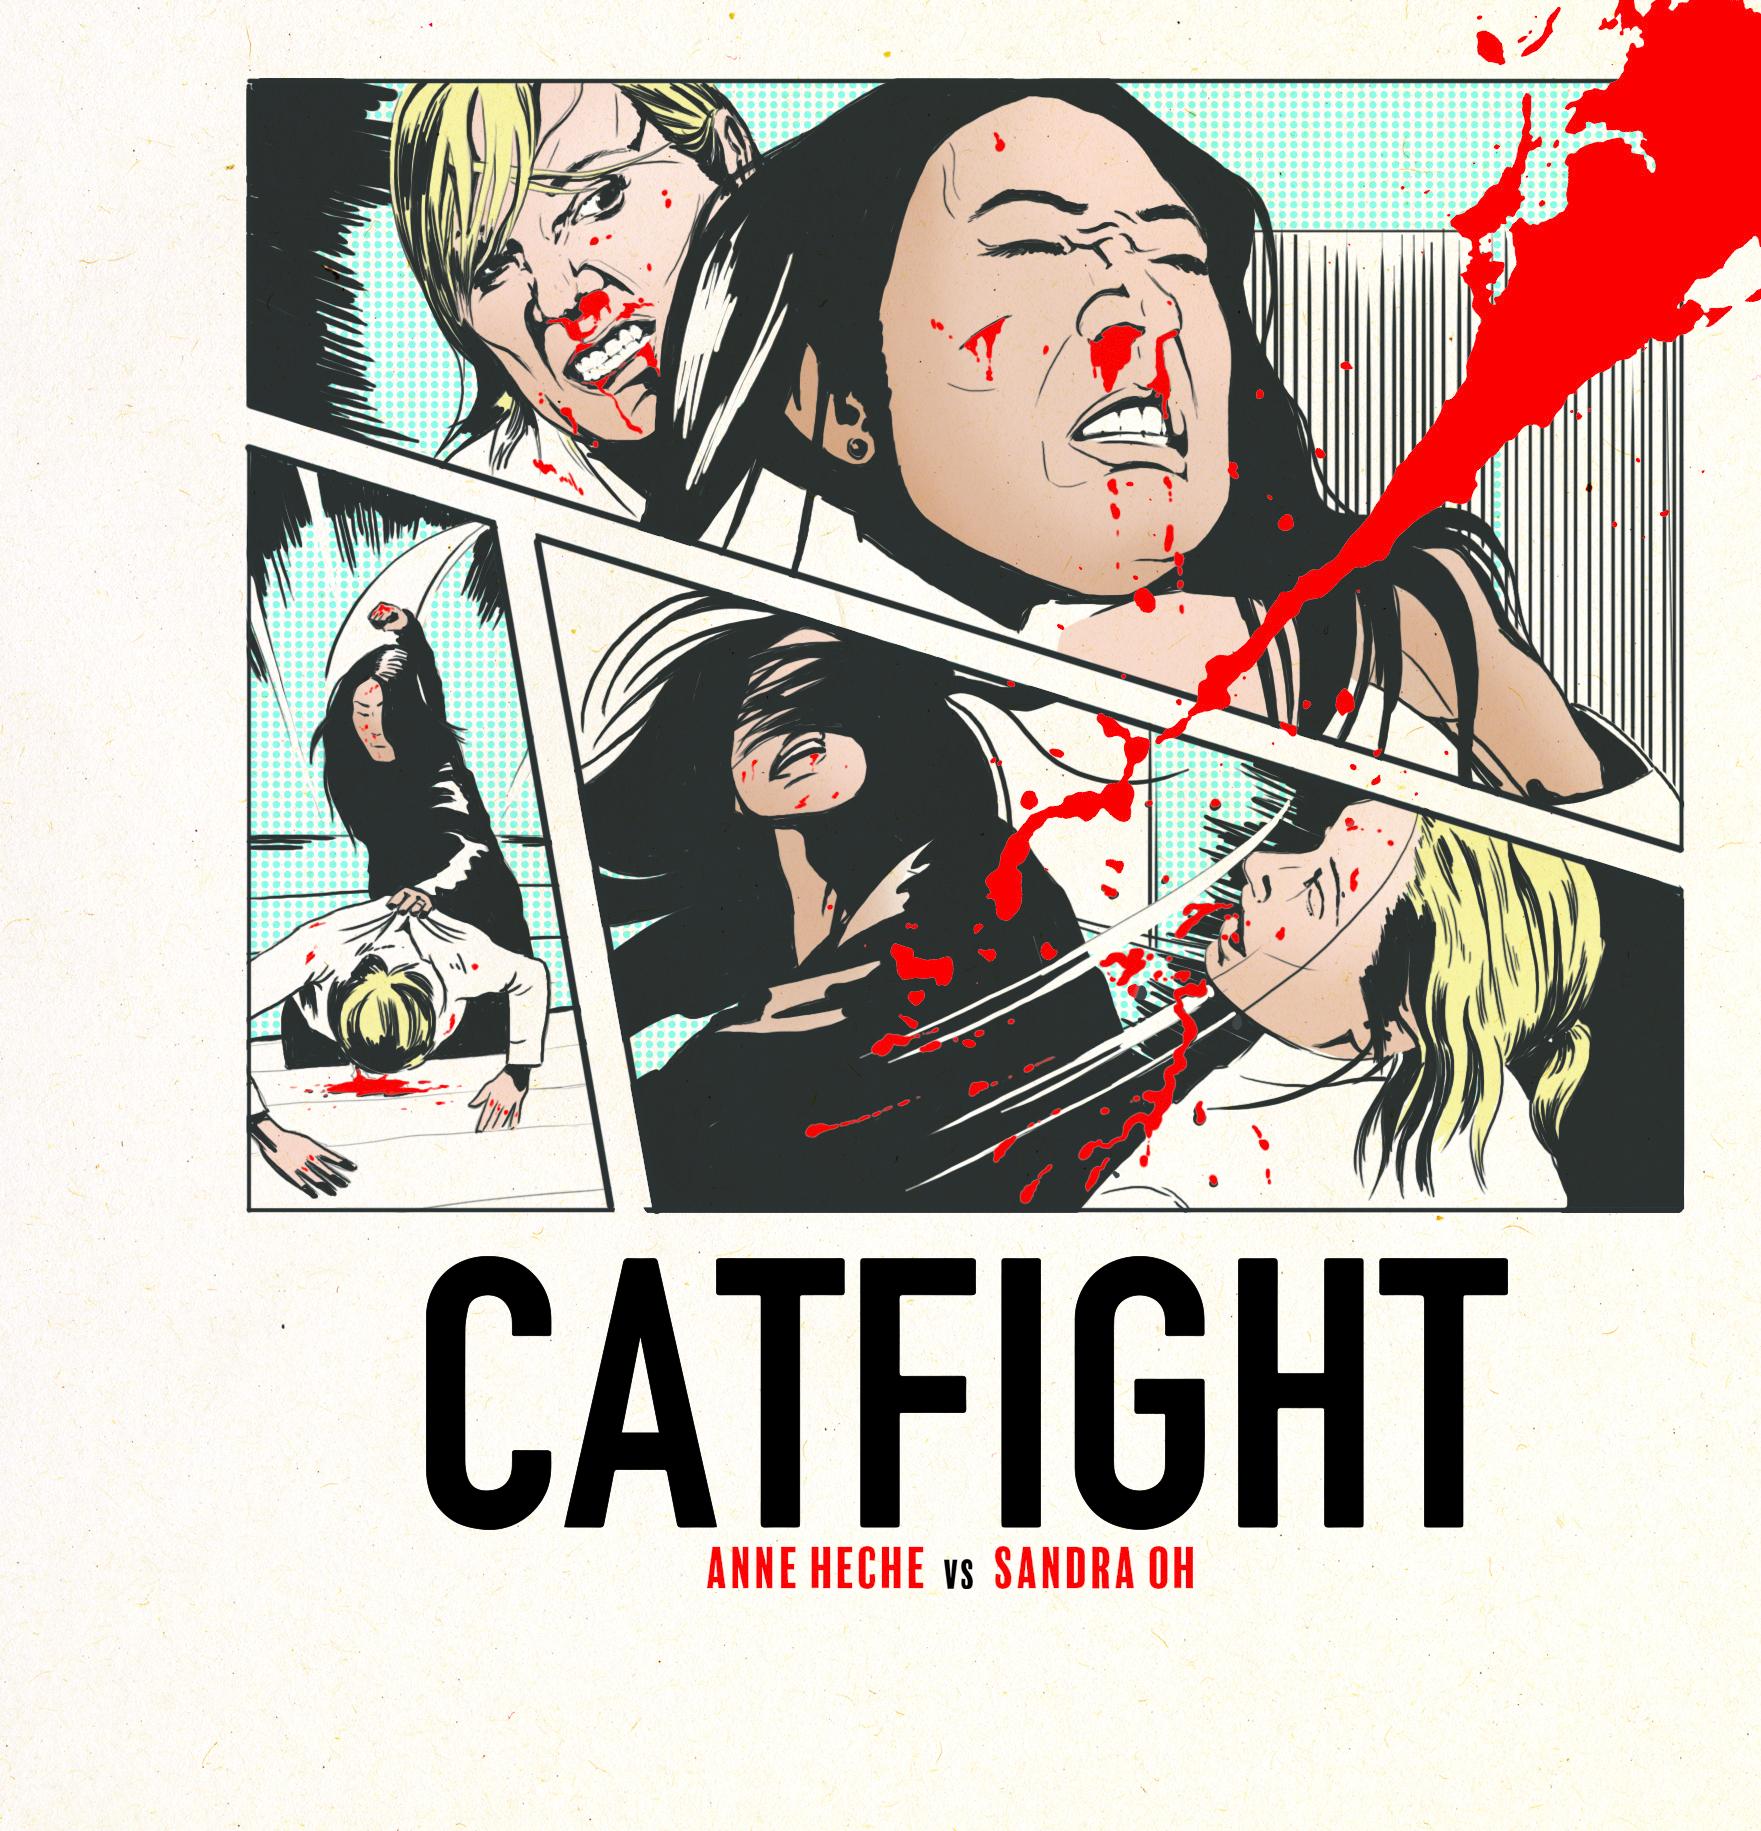 CatfightFinal.jpg